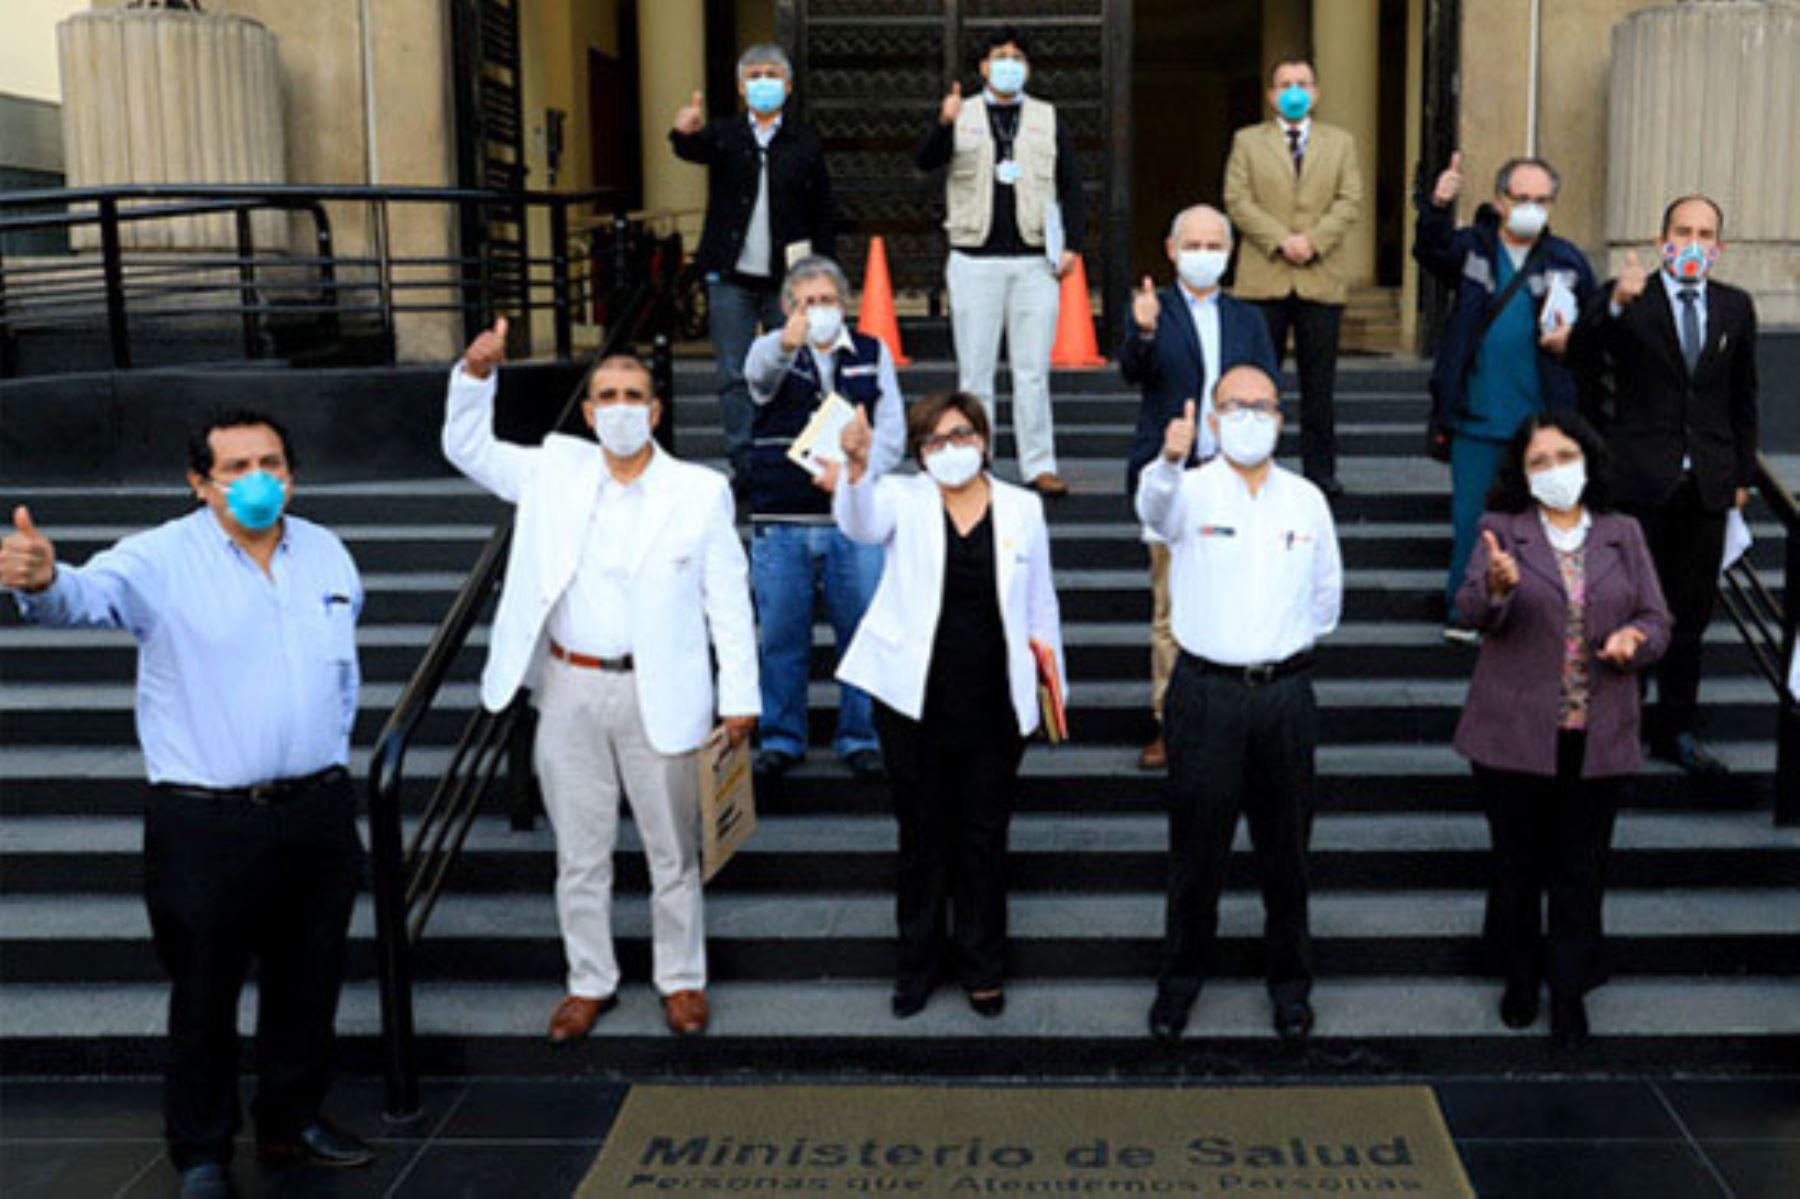 El ministro de Salud, Víctor Zamora, se reunió con autoridades de Ayacucho y Apurímac para coordinar acciones frente al covid-19.